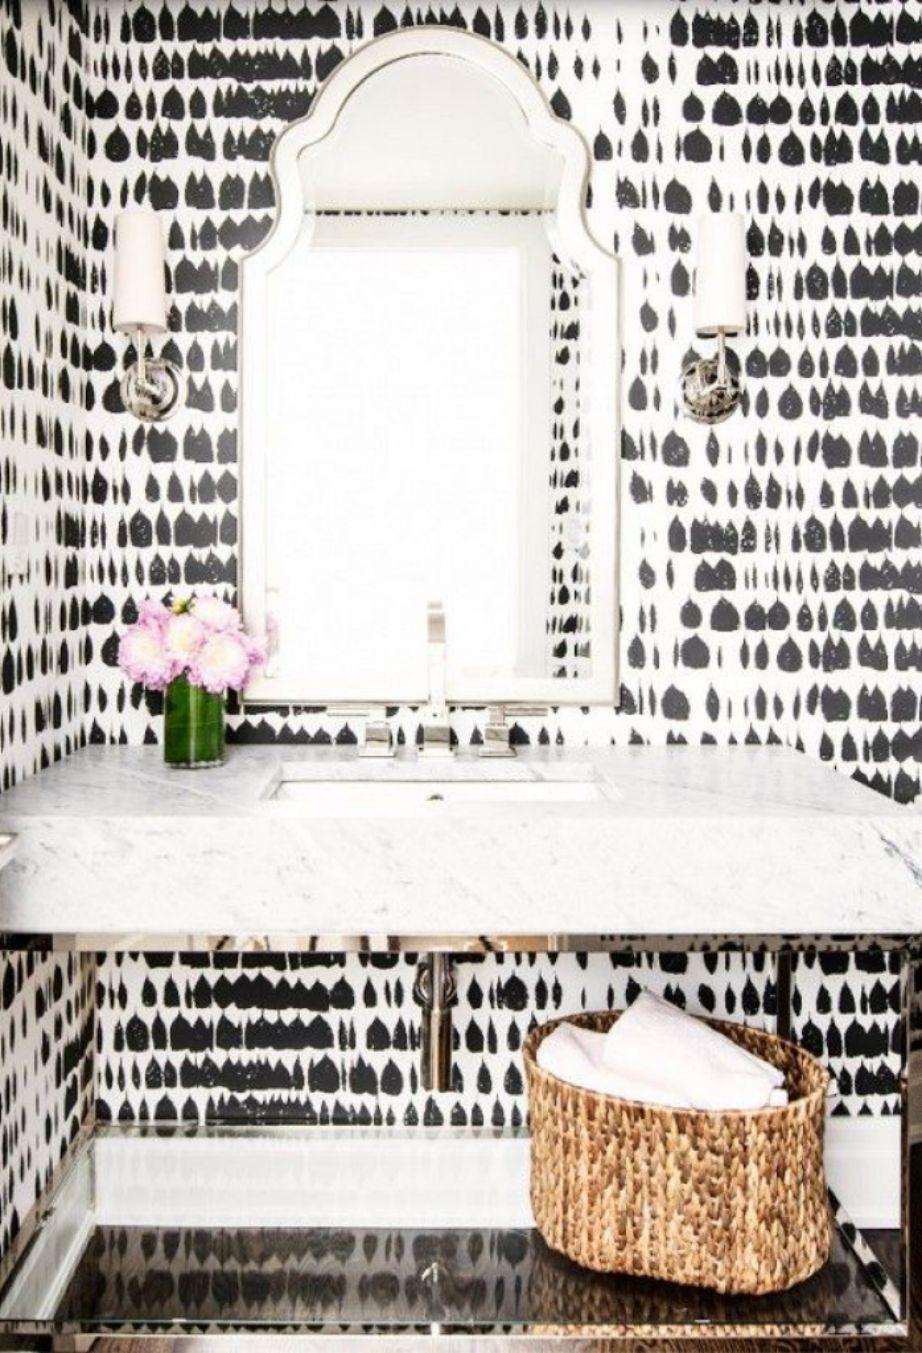 Η ασπρόμαυρη ταπετσαρία δείχνει πολύ ωραία στο μπάνιο, ειδικά αν τοποθετηθεί σε ένα μέρος του τοίχου και όχι σε όλο το μπάνιο.